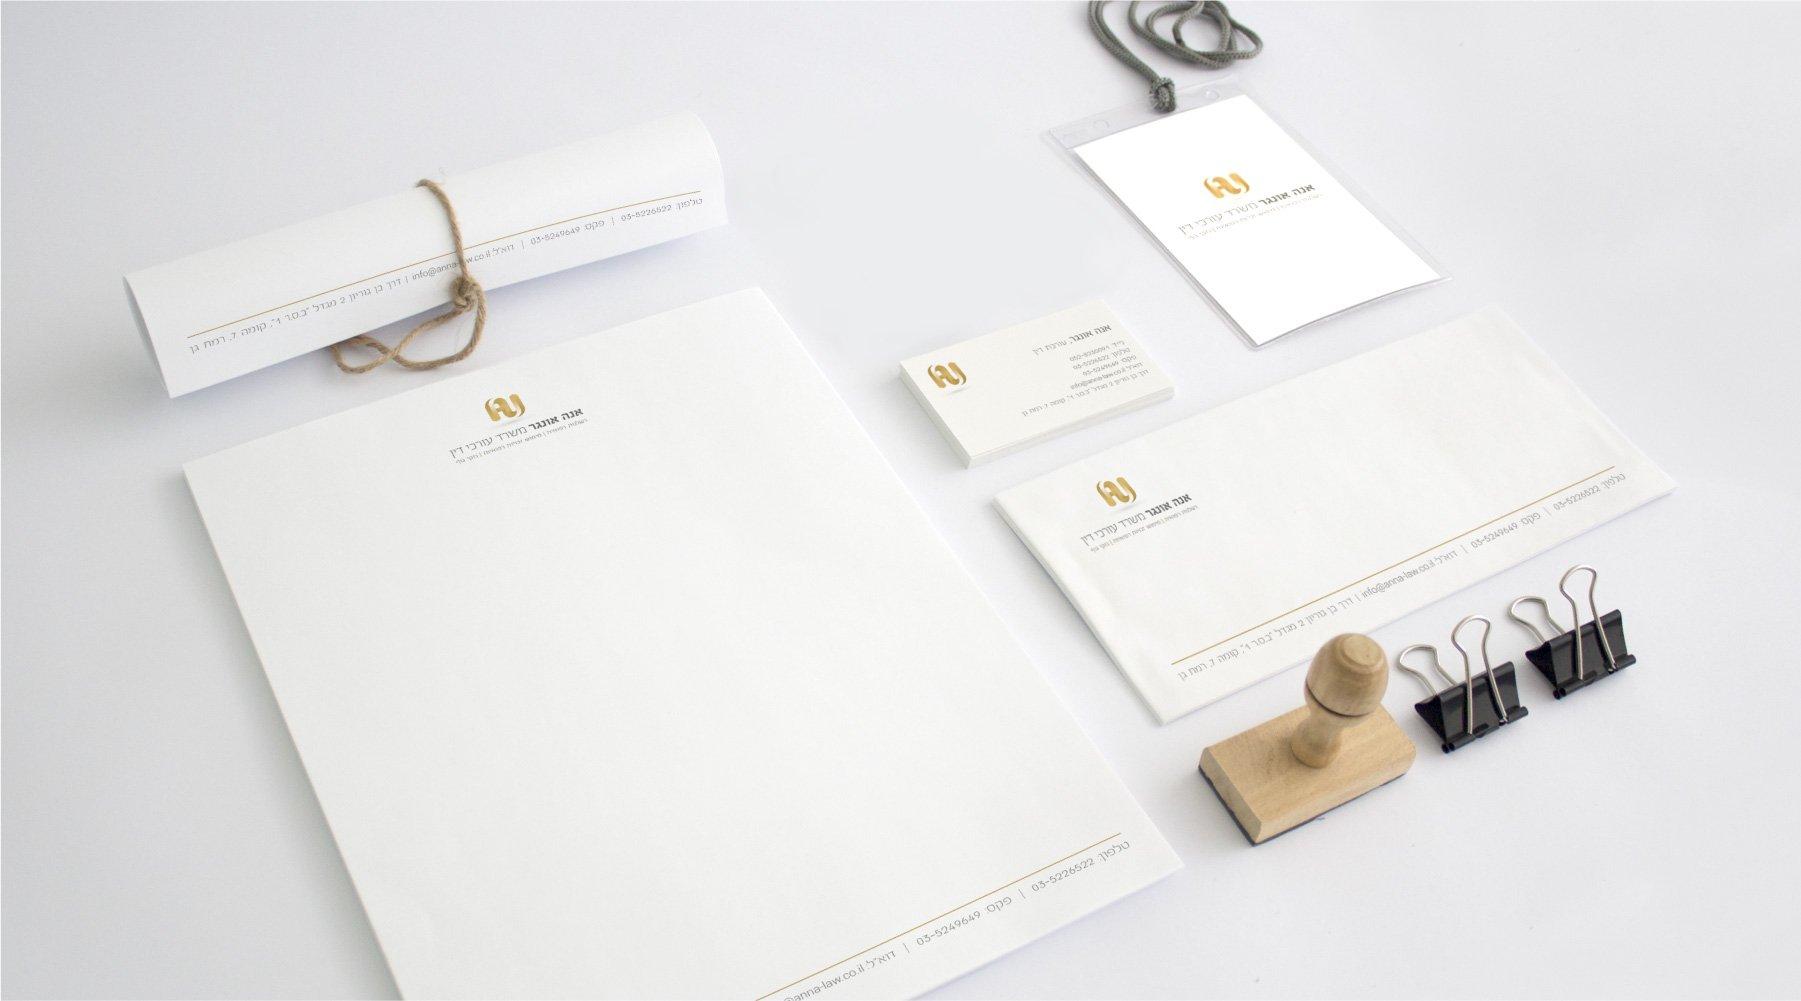 עיצוב ניירת משרדית, עיצוב קלאסי ונקי